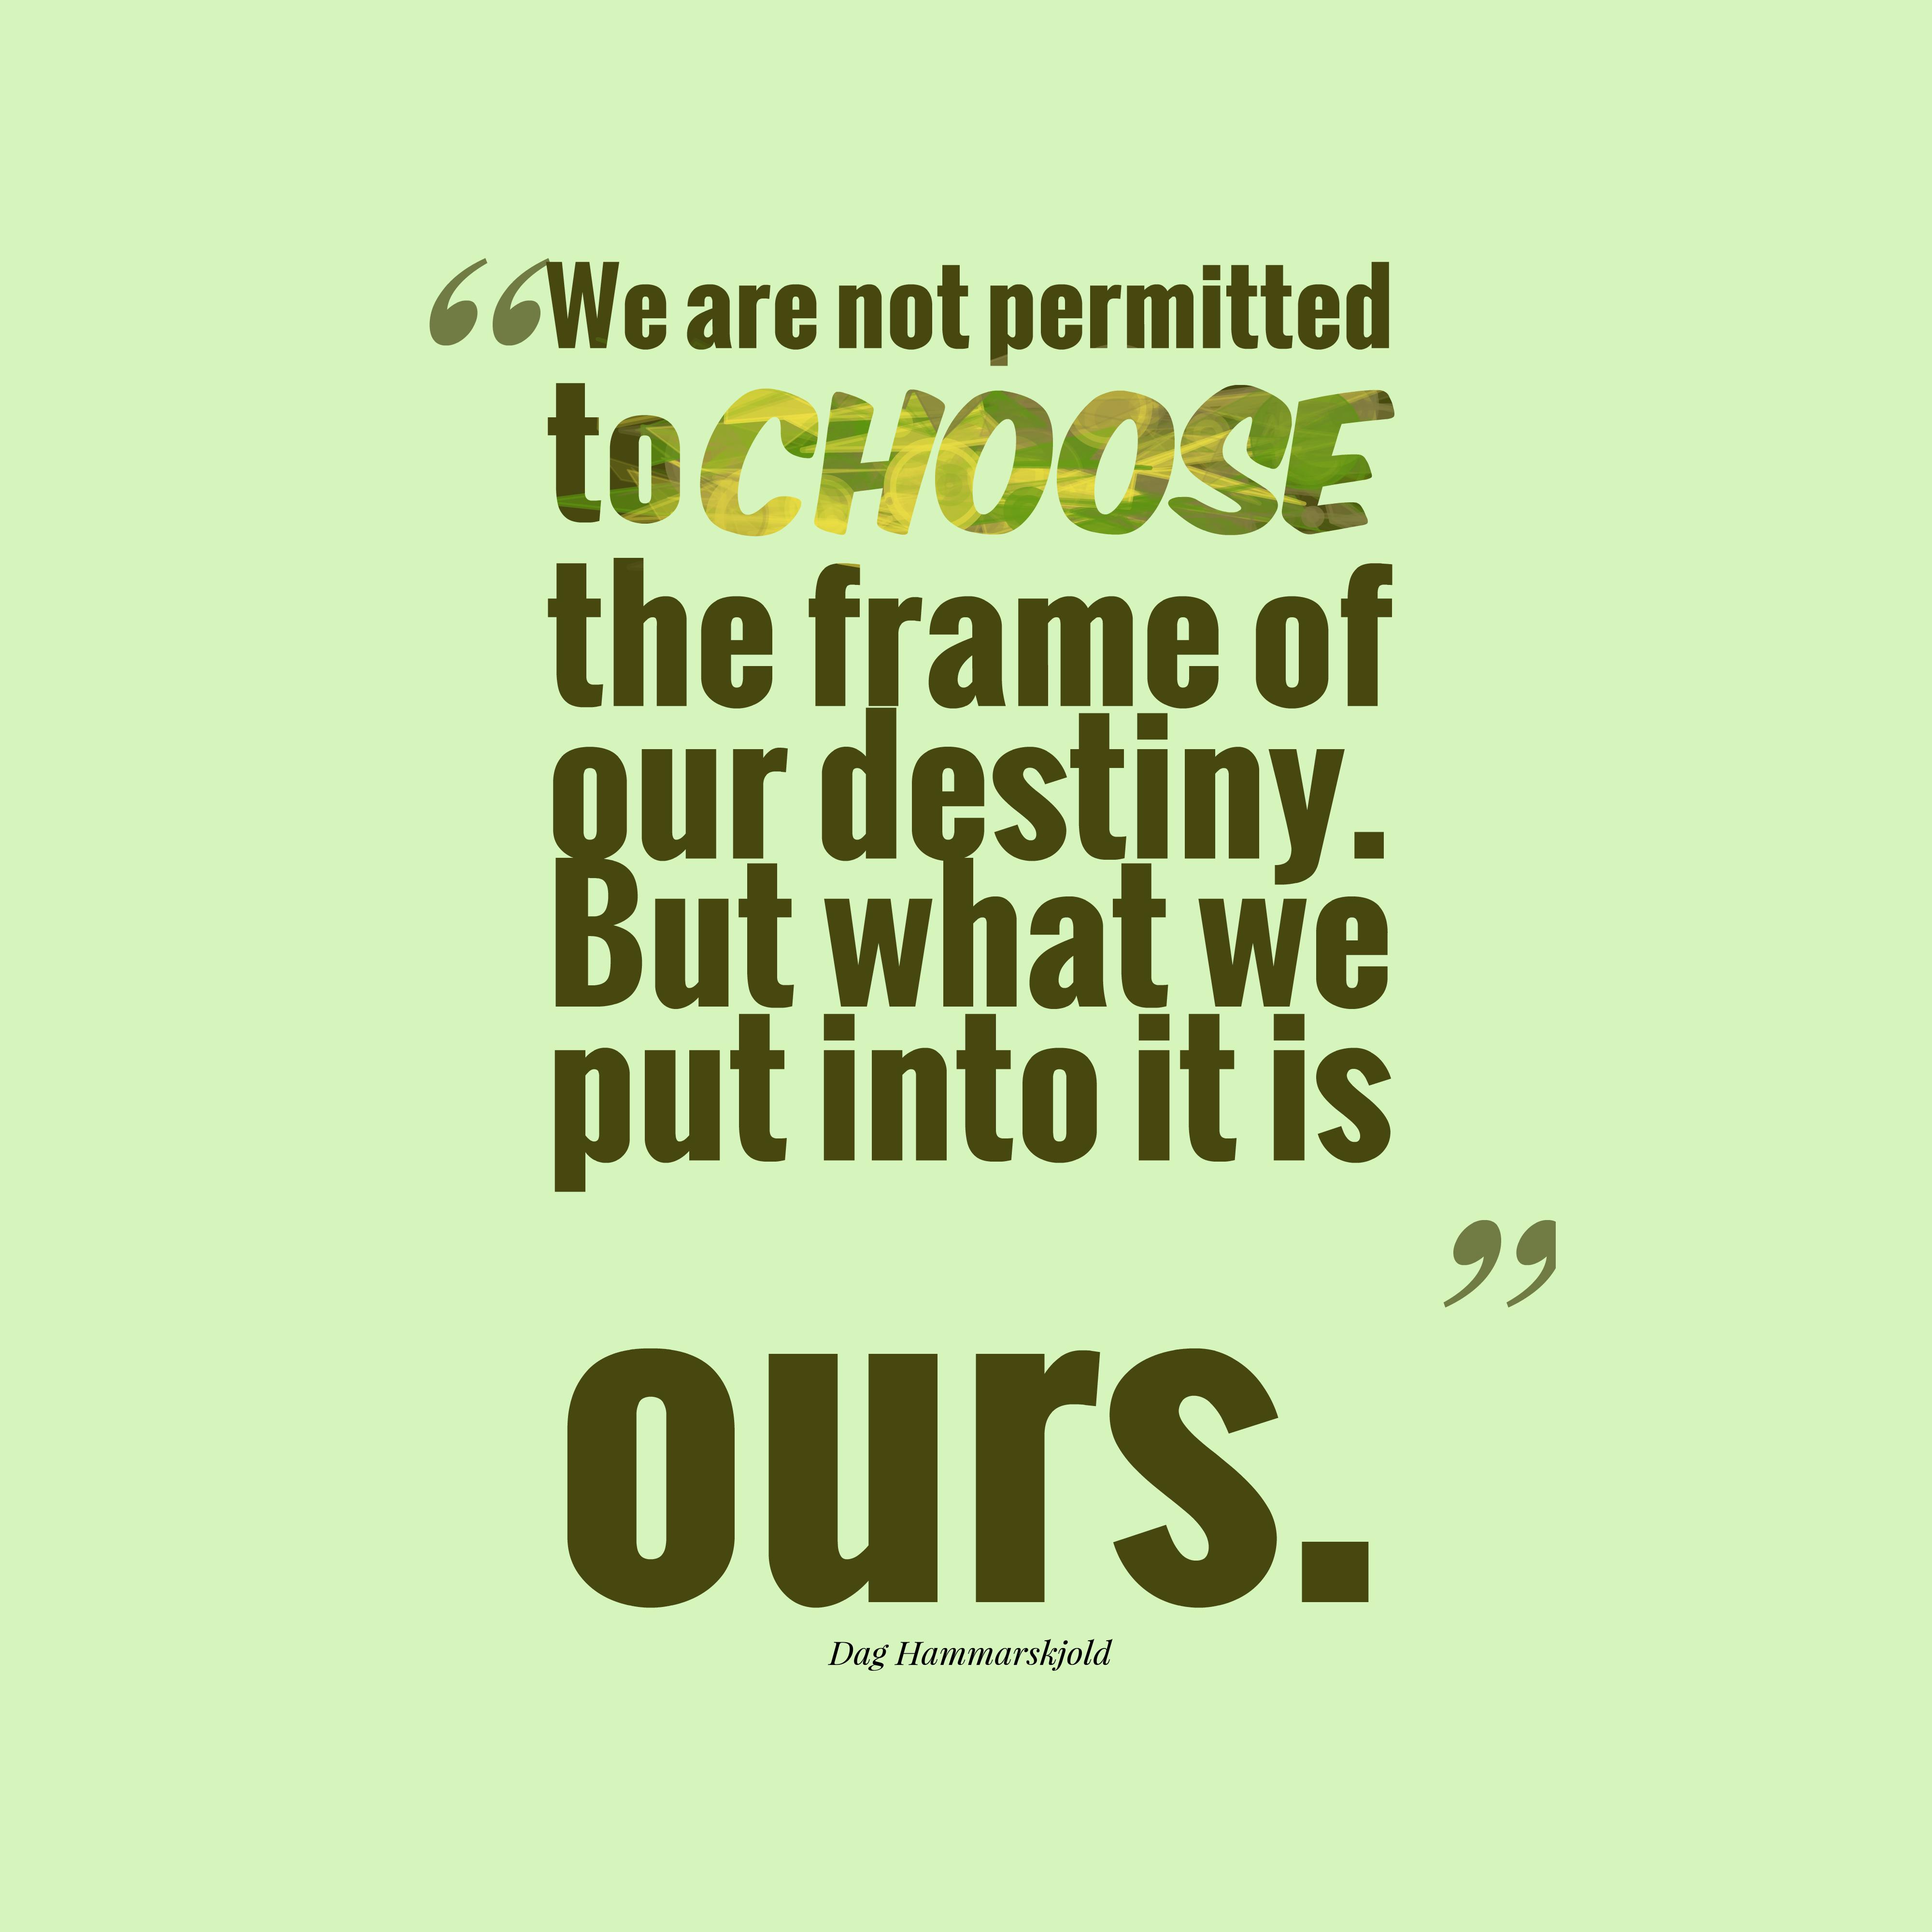 Dag Hammarskjold Quote About Destiny